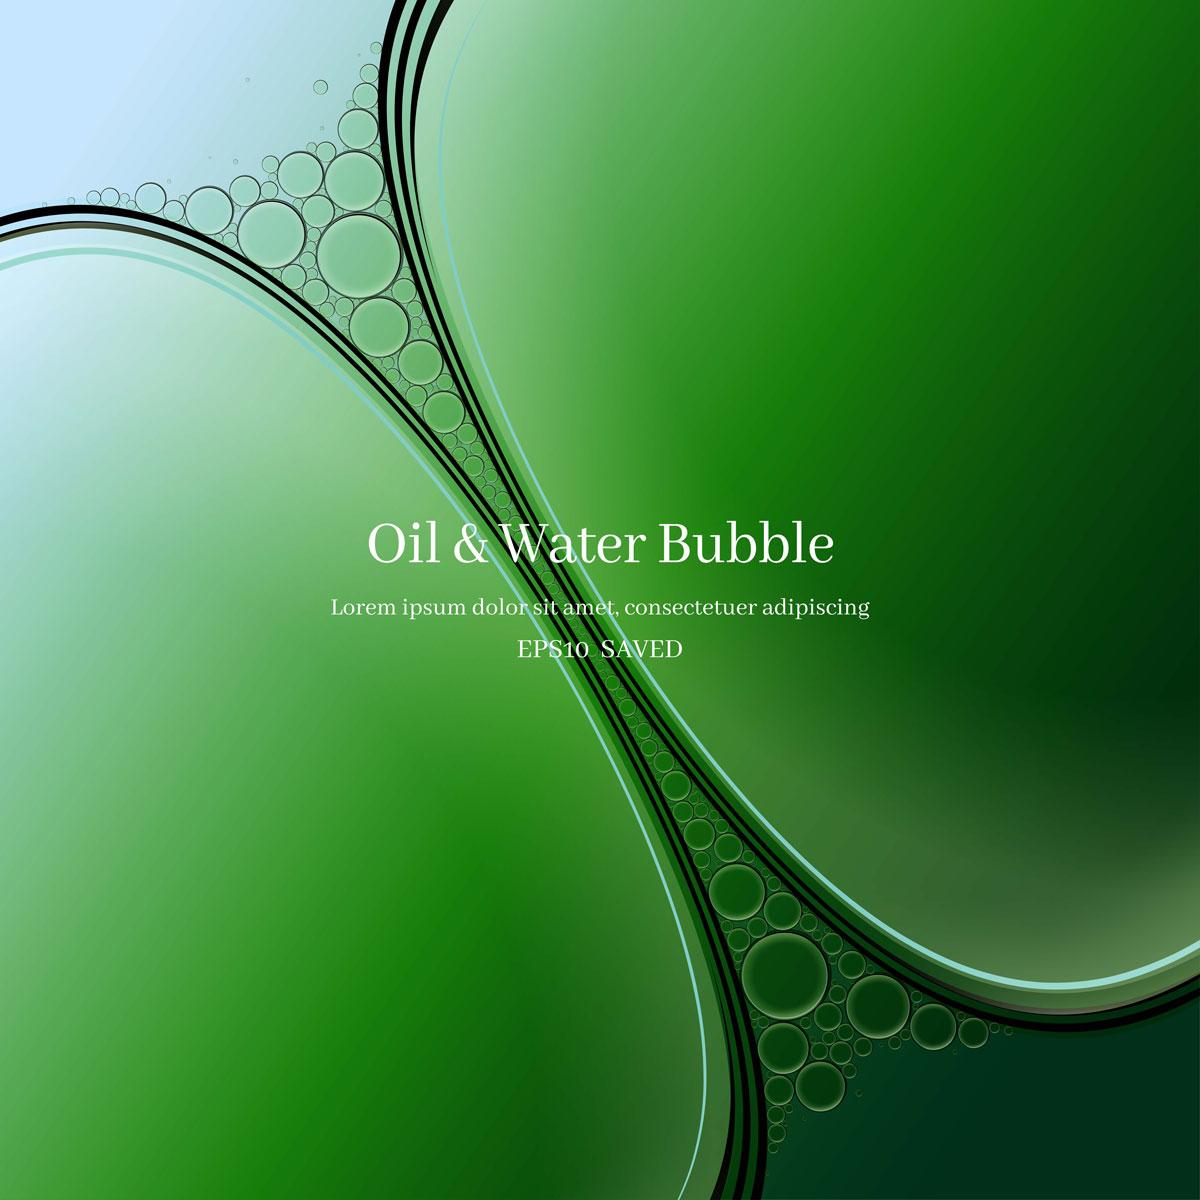 14款油脂液体水滴气泡海报设计AI矢量素材 Water Drop Bubble Vector Material插图6